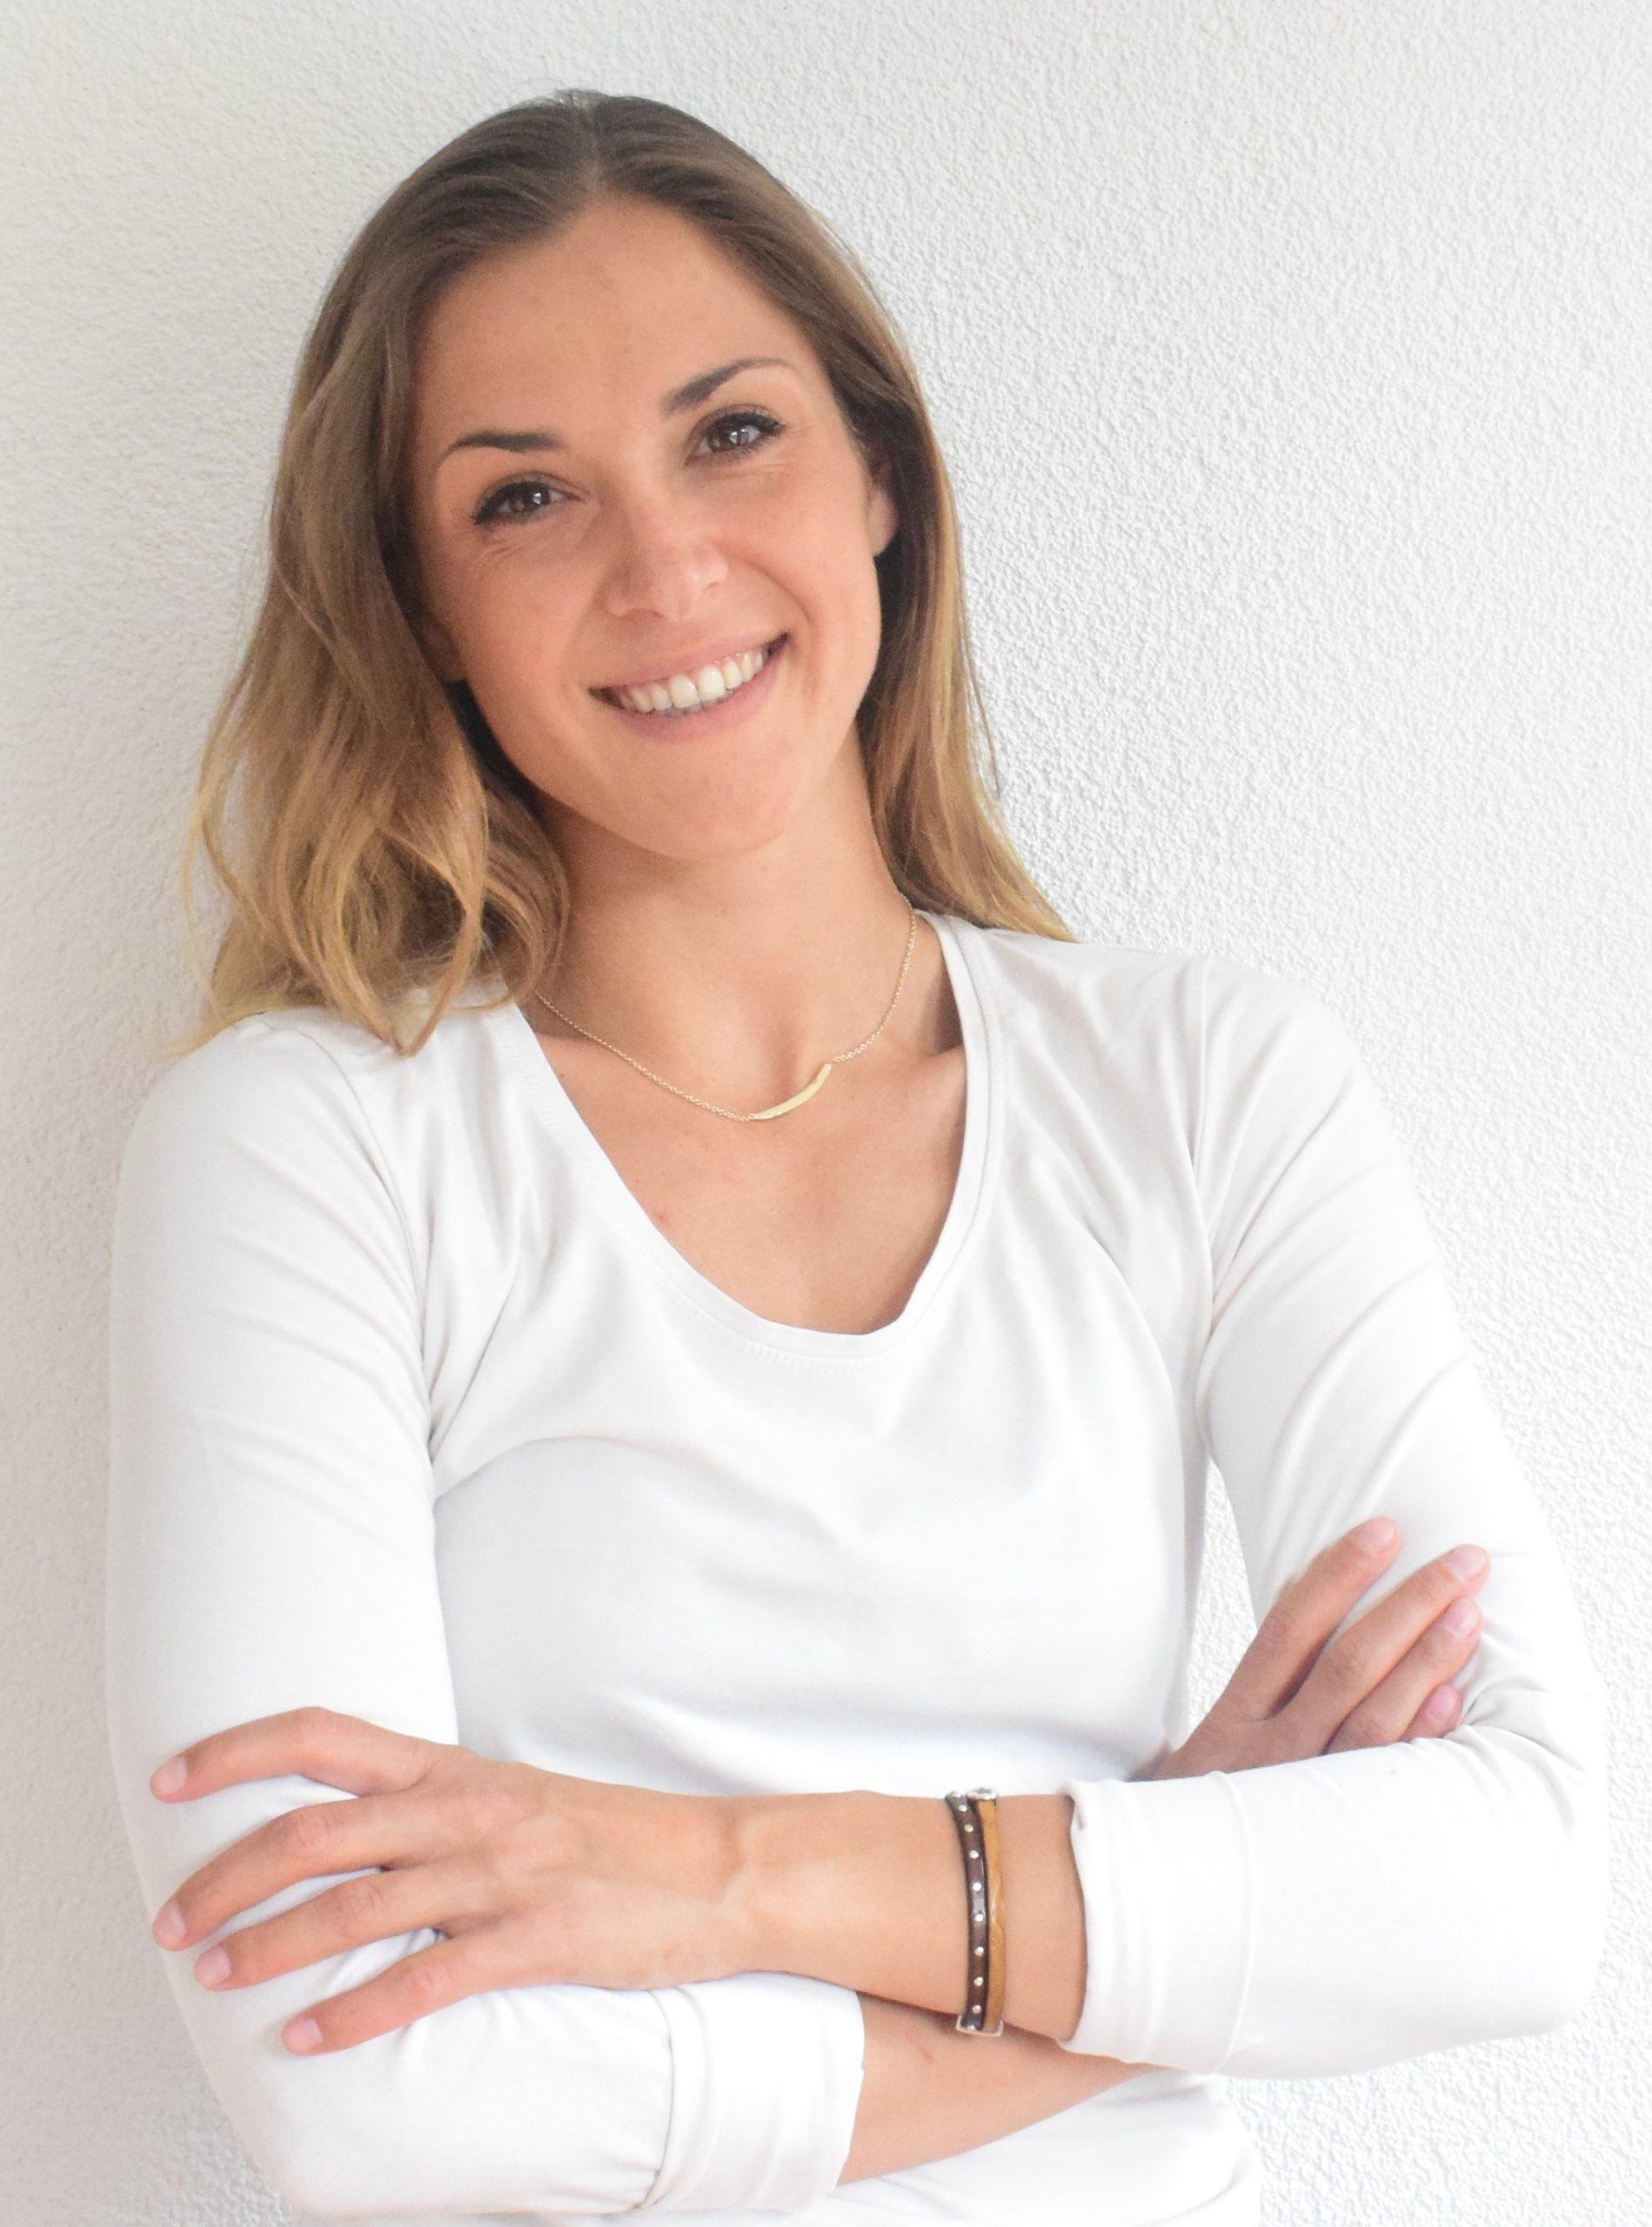 Maak kennis met Felice, communicatiemedewerker bij Be Well